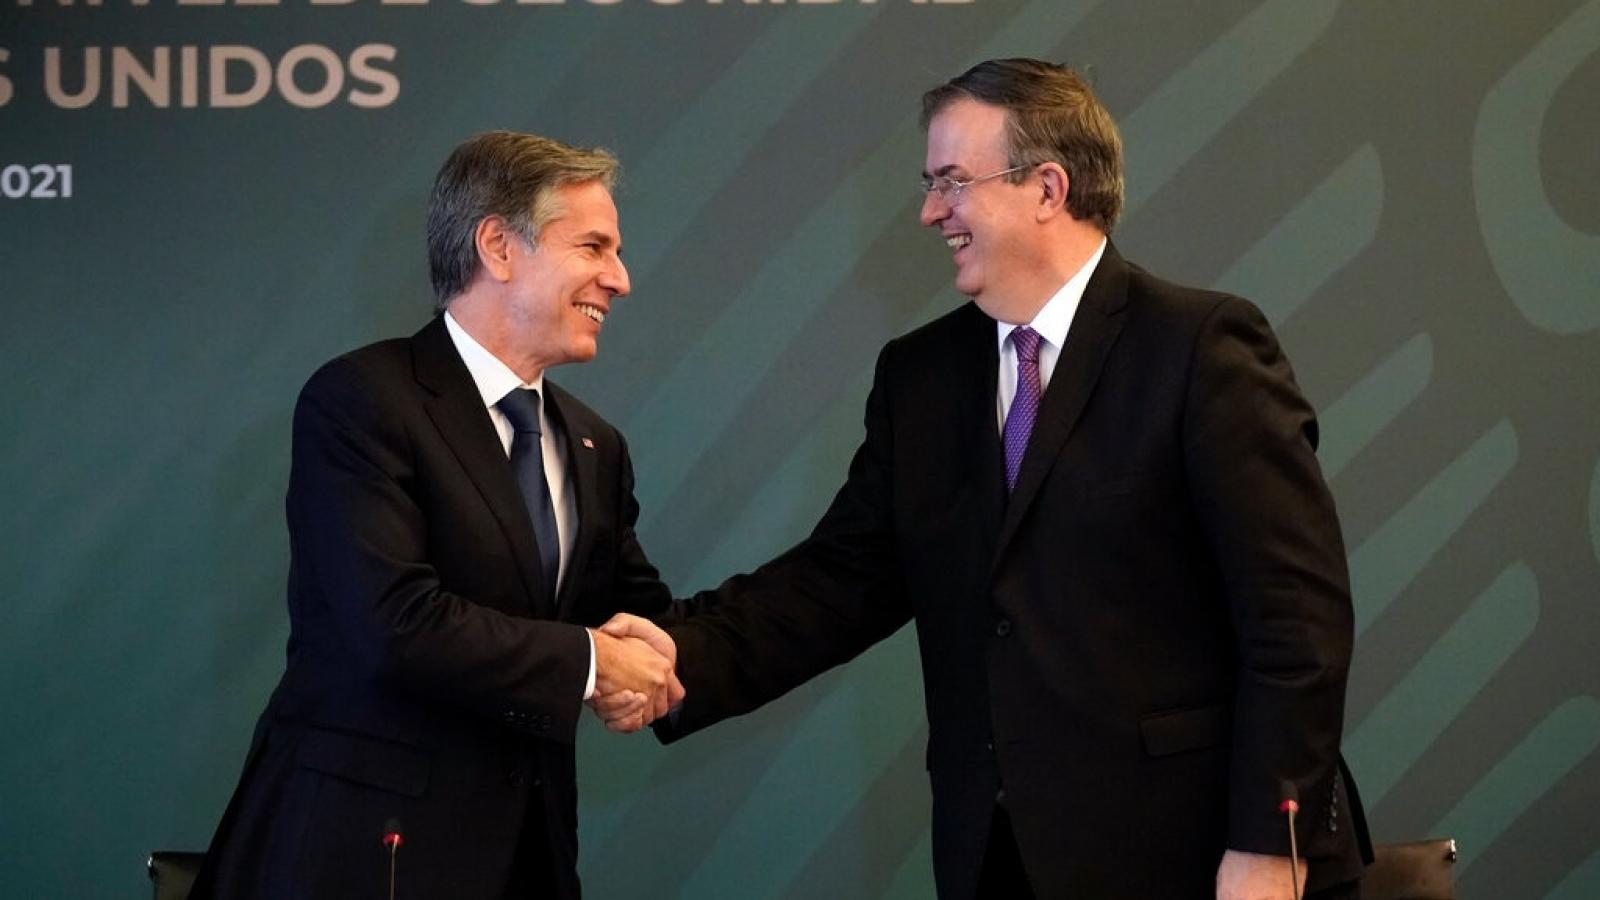 Mexico - Mỹ đạt thỏa thuận về hợp tác an ninh mới